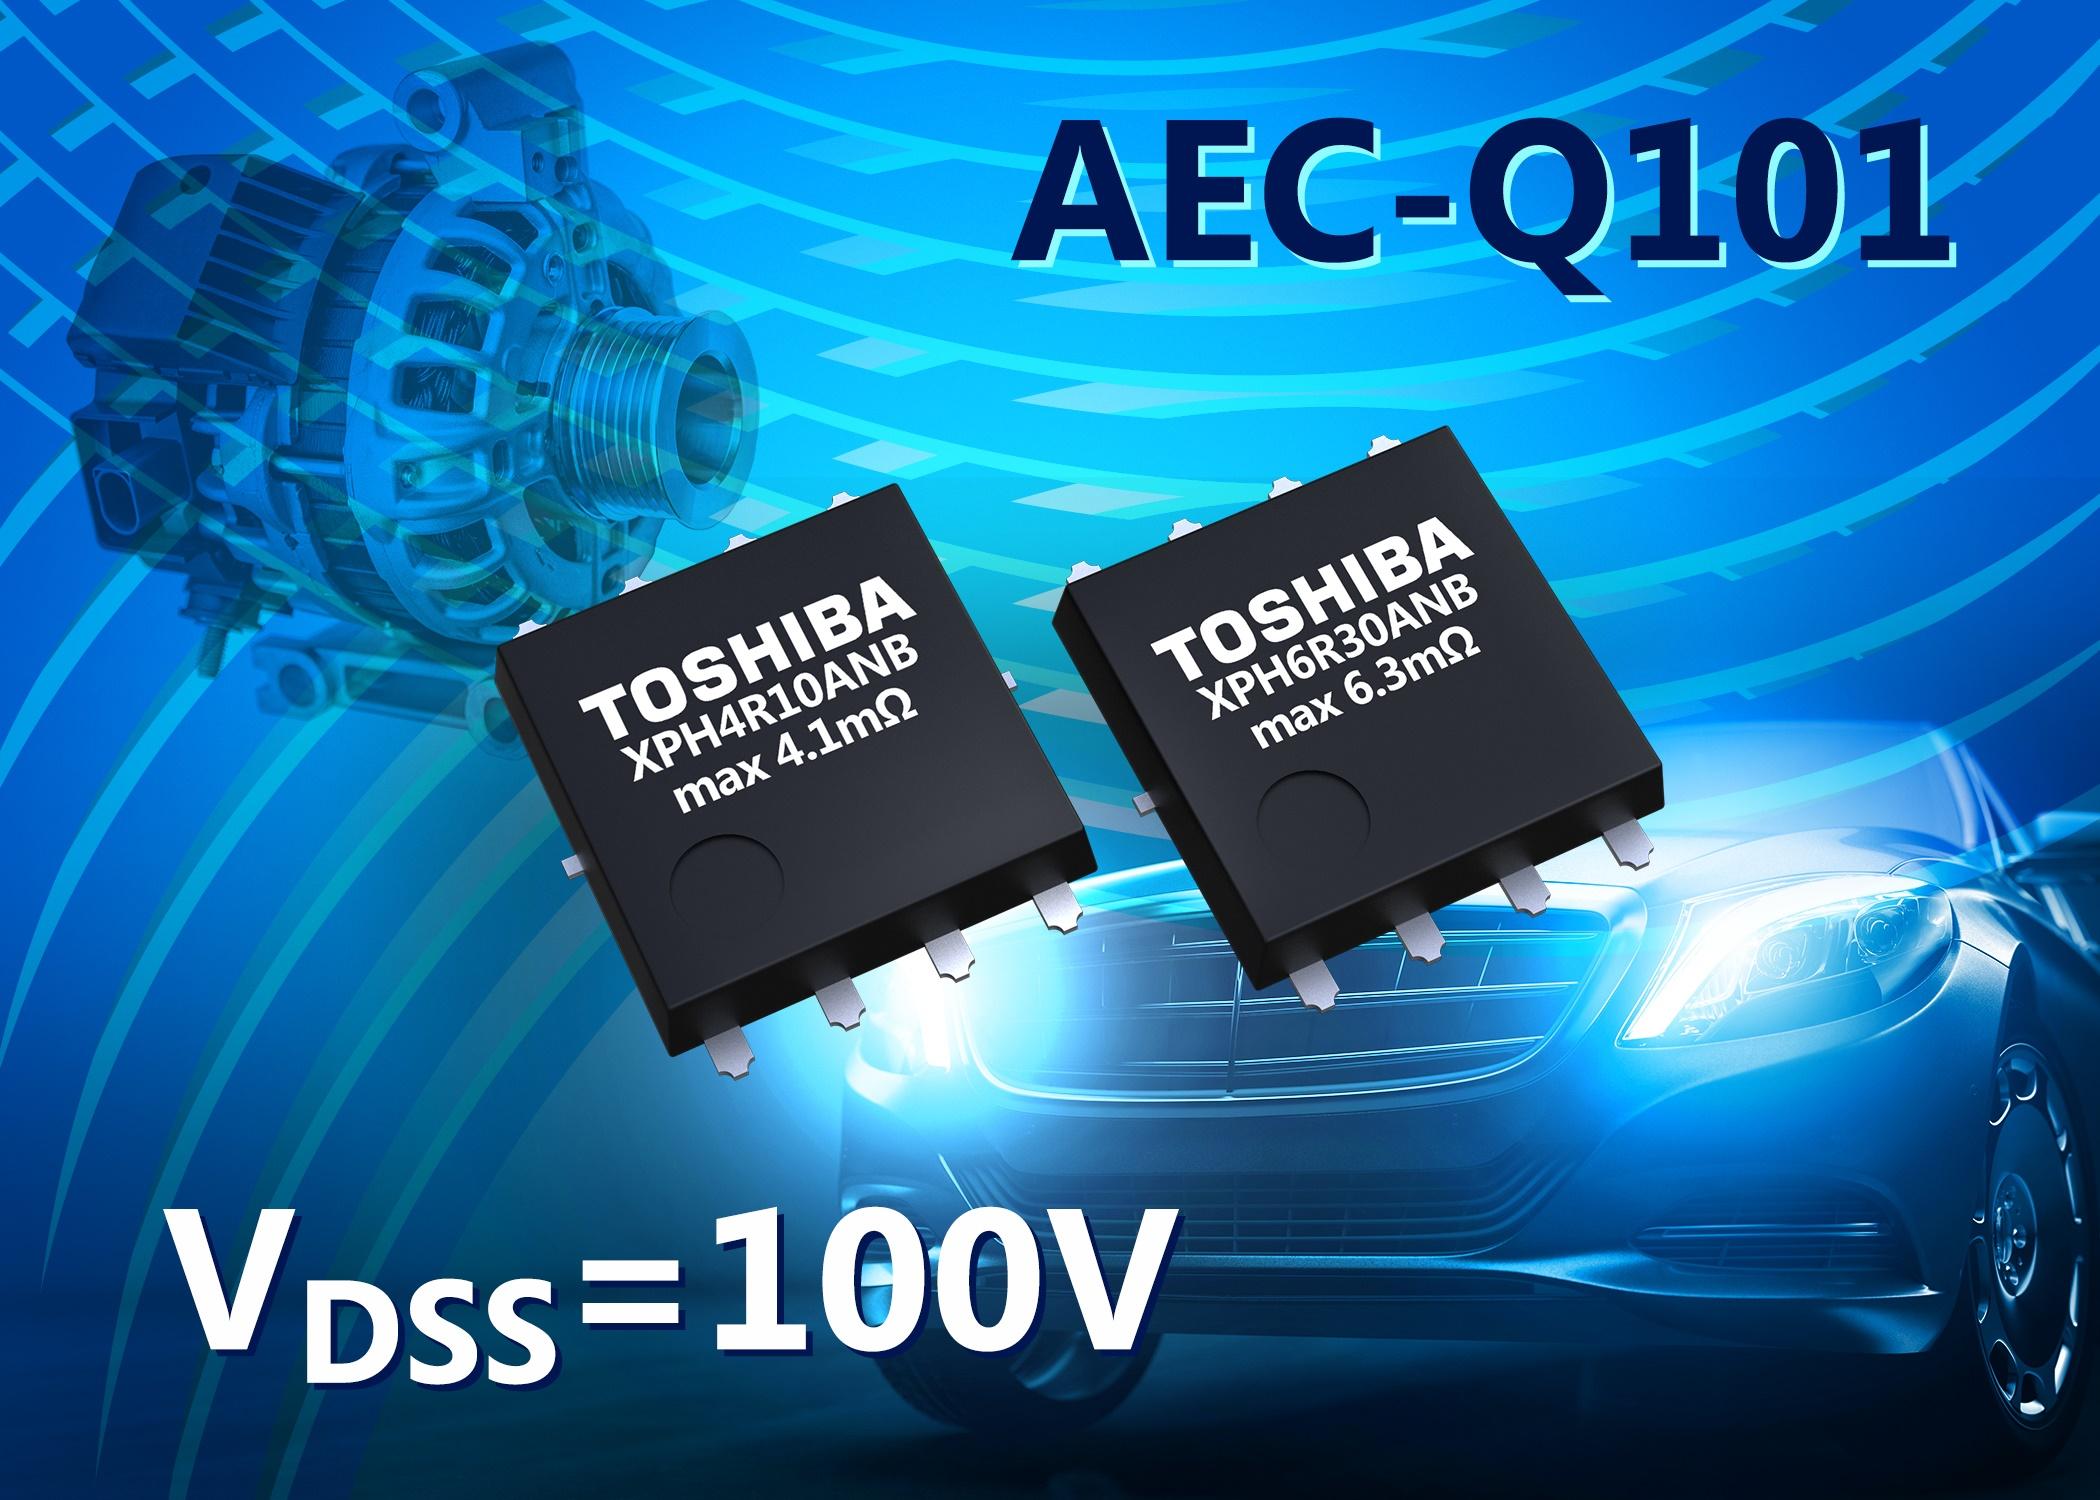 Toshiba_XPH4R10ANB_XPH6R30ANB.jpg